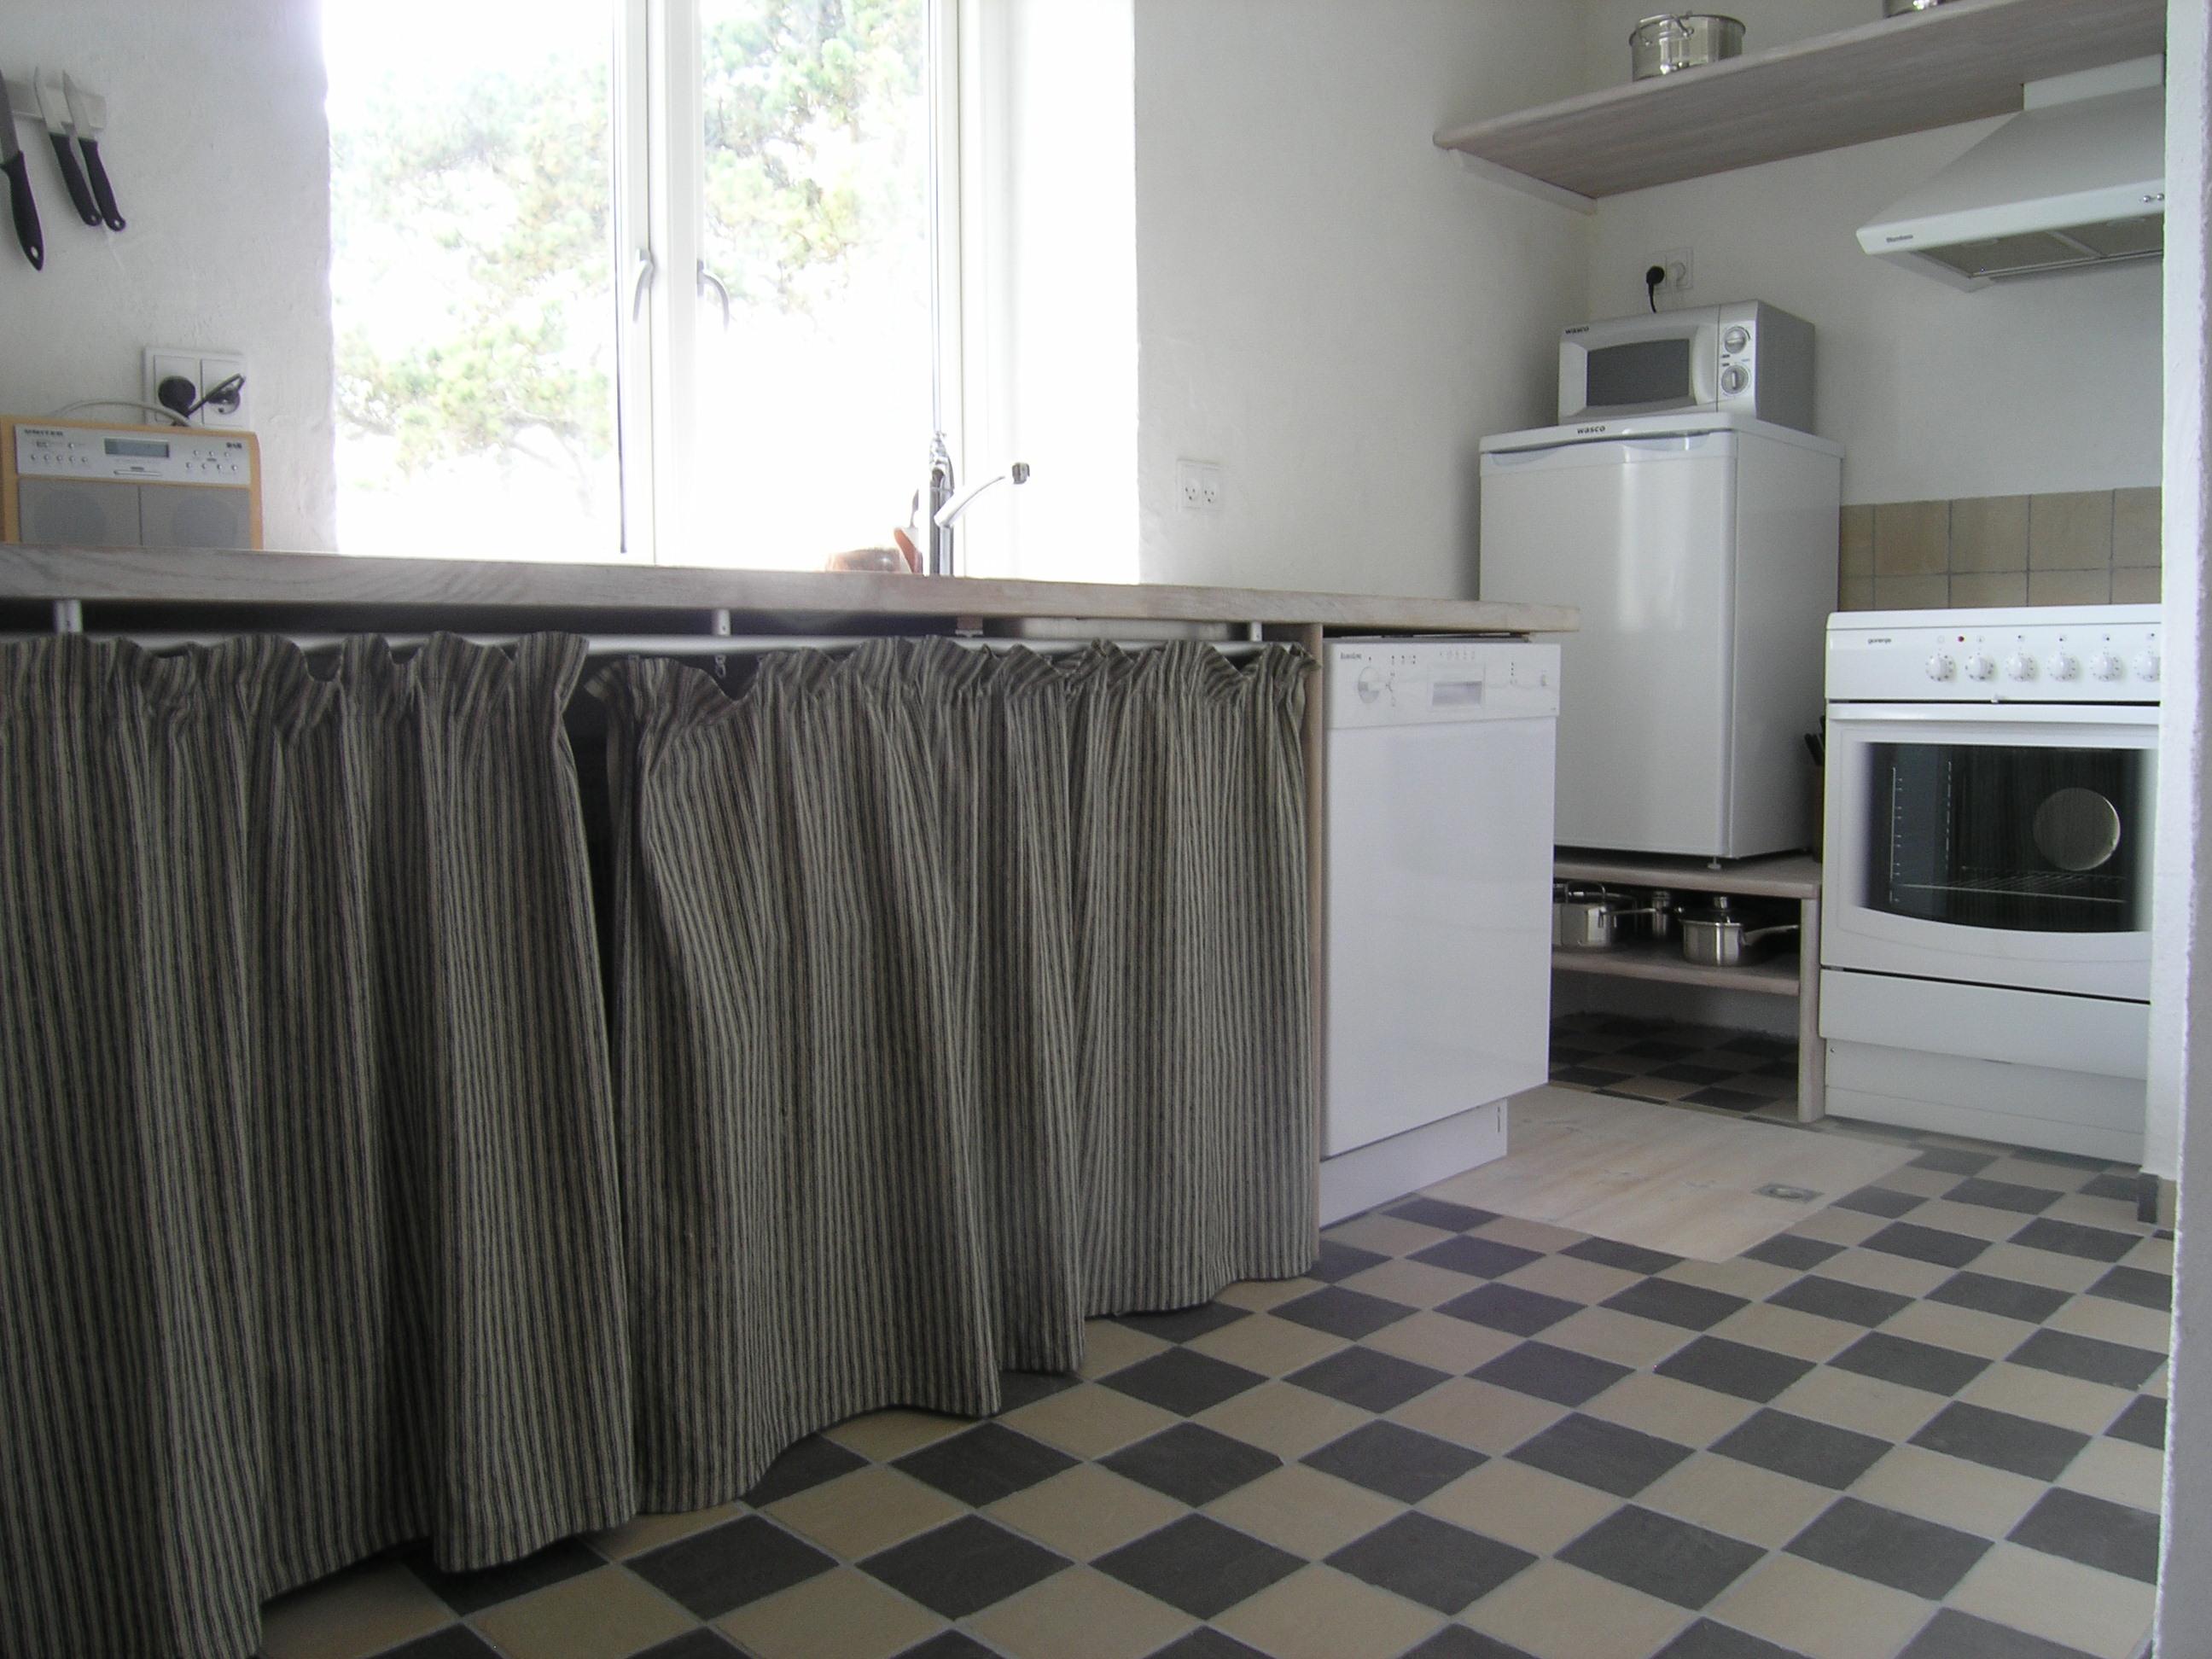 Ud over almindeligt køkkentøj findes induktionskomfur m. varmluftovn